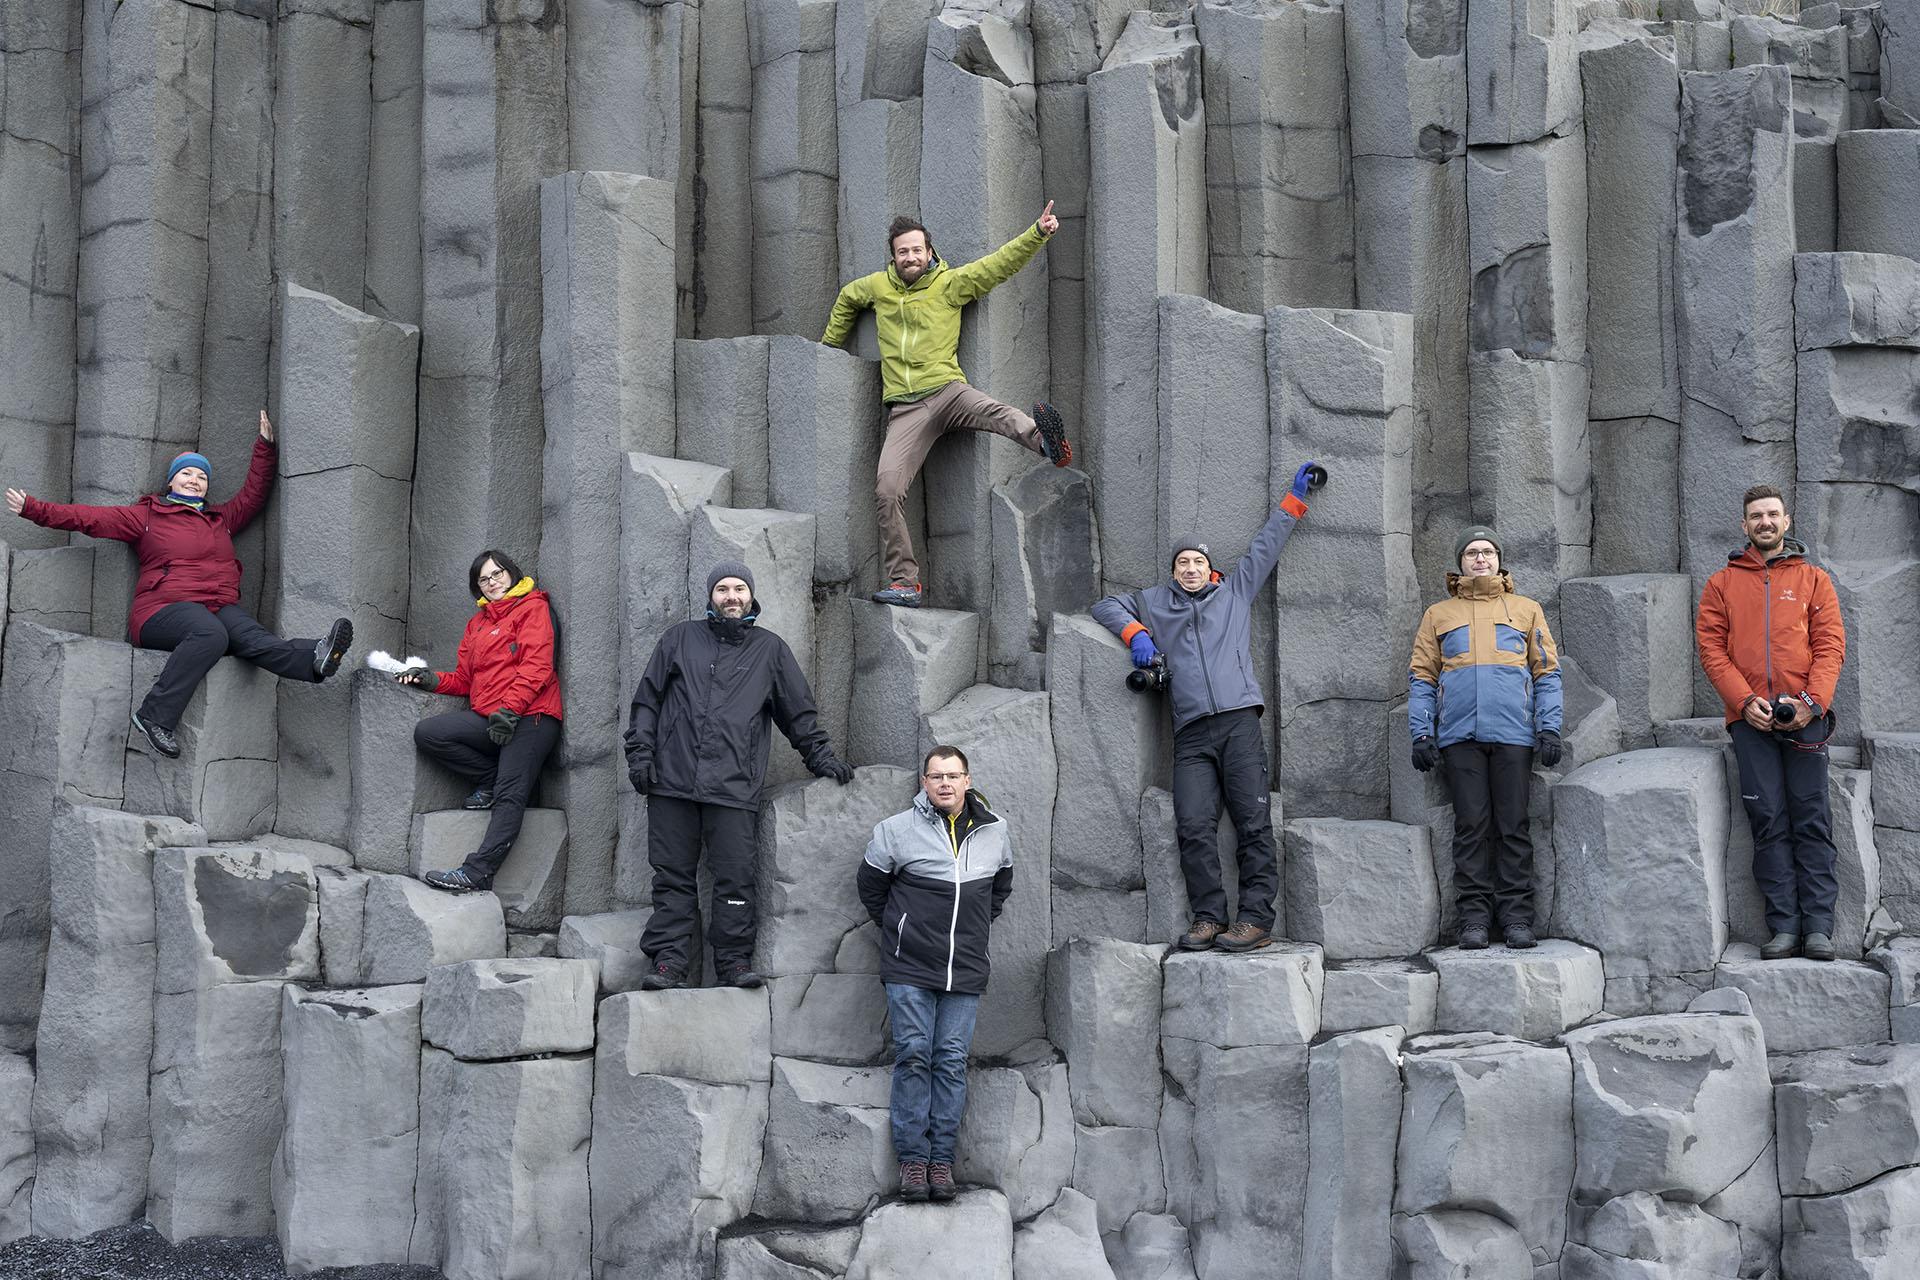 Călătorii de neuitat pentru pasionații de natură și fotografie